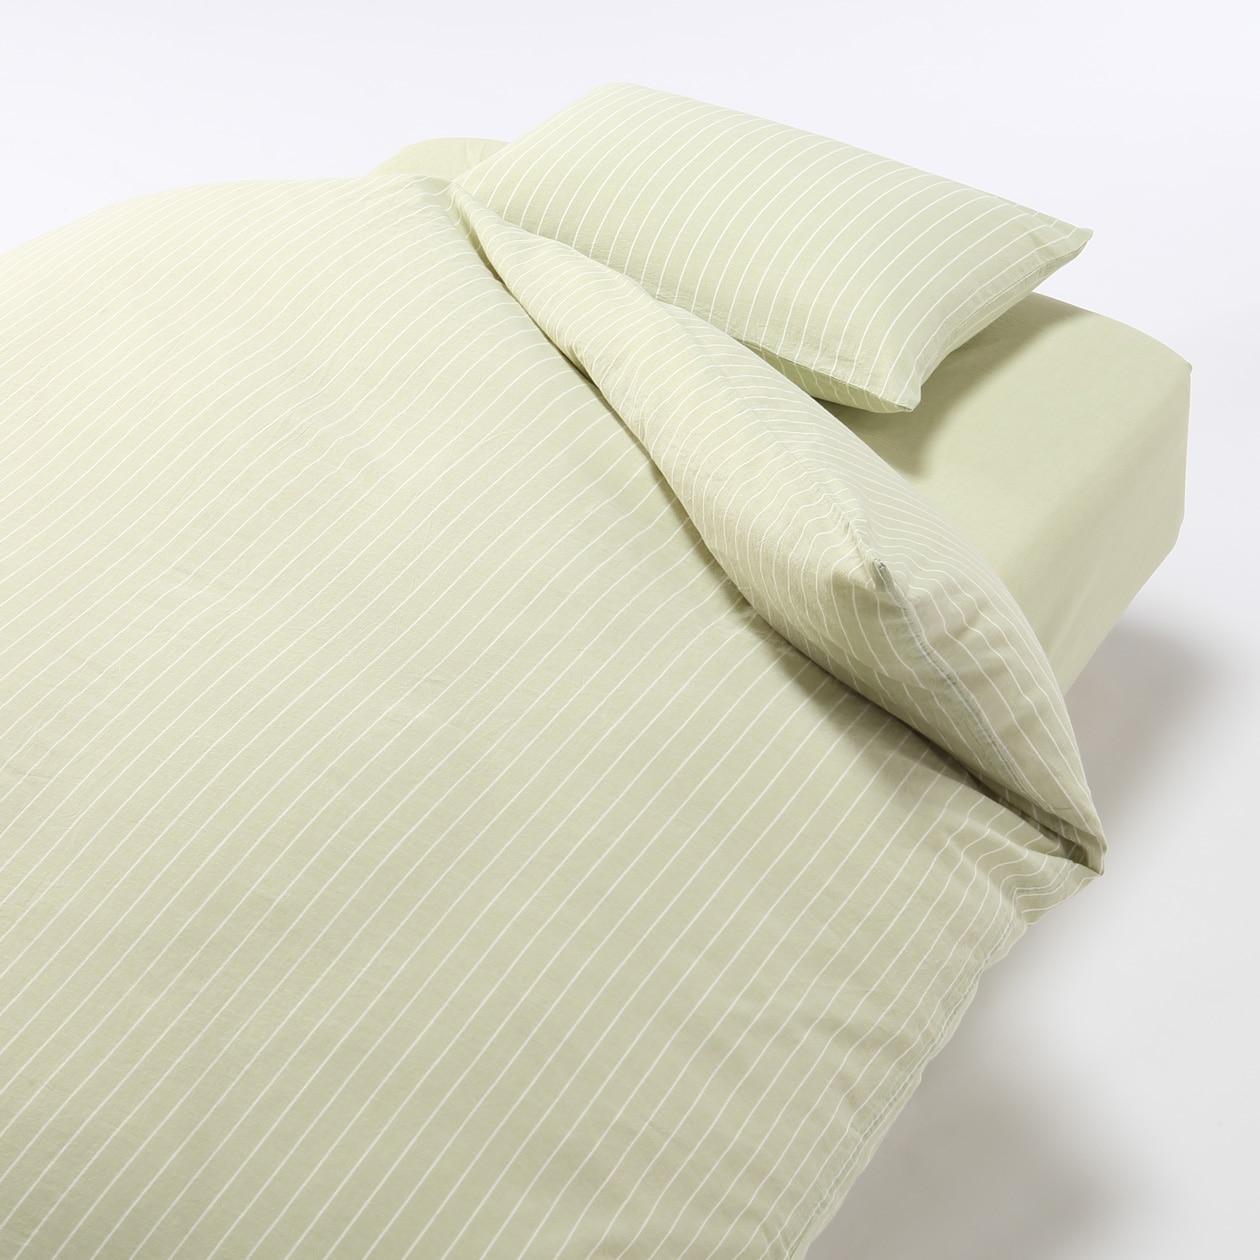 オーガニックコットンふとんカバーセット/ライトブルー/細ストライプ ベッド用 ライトグリーン/細ストライプ ベッド用